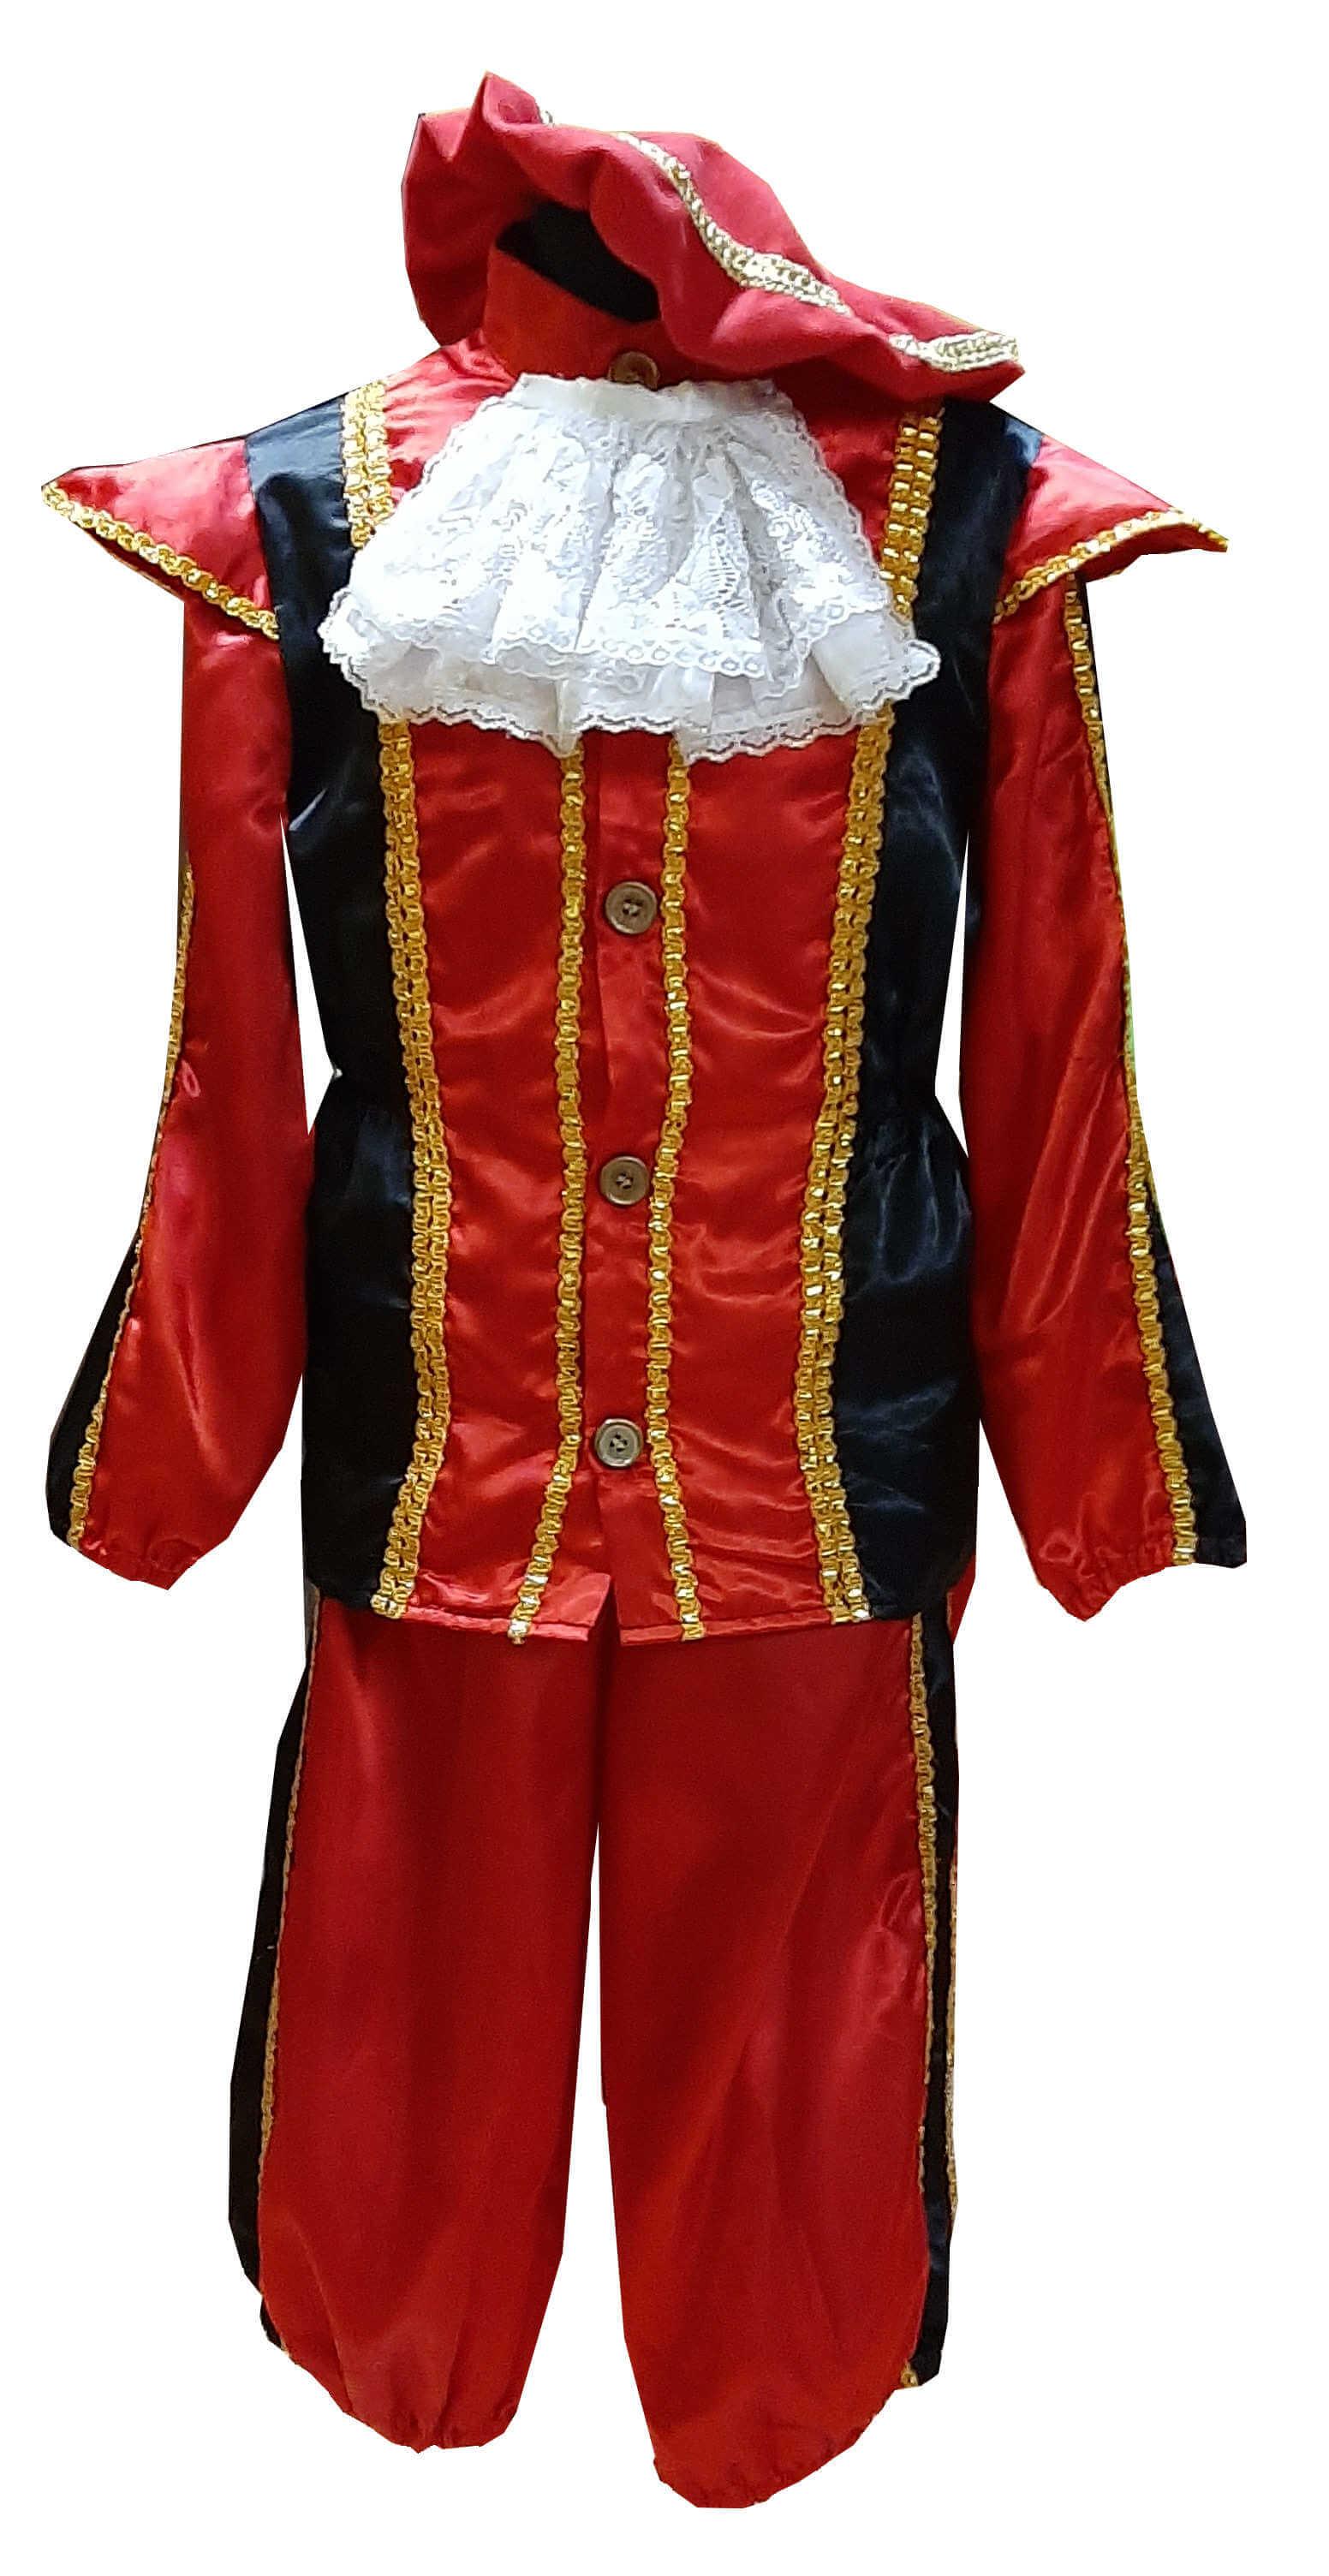 Karaliaus kostiumas Princo kostiumas. Princo kostiumas. Karnavalinių kostiumų nuoma Vilniuje - pasakunamai.lt